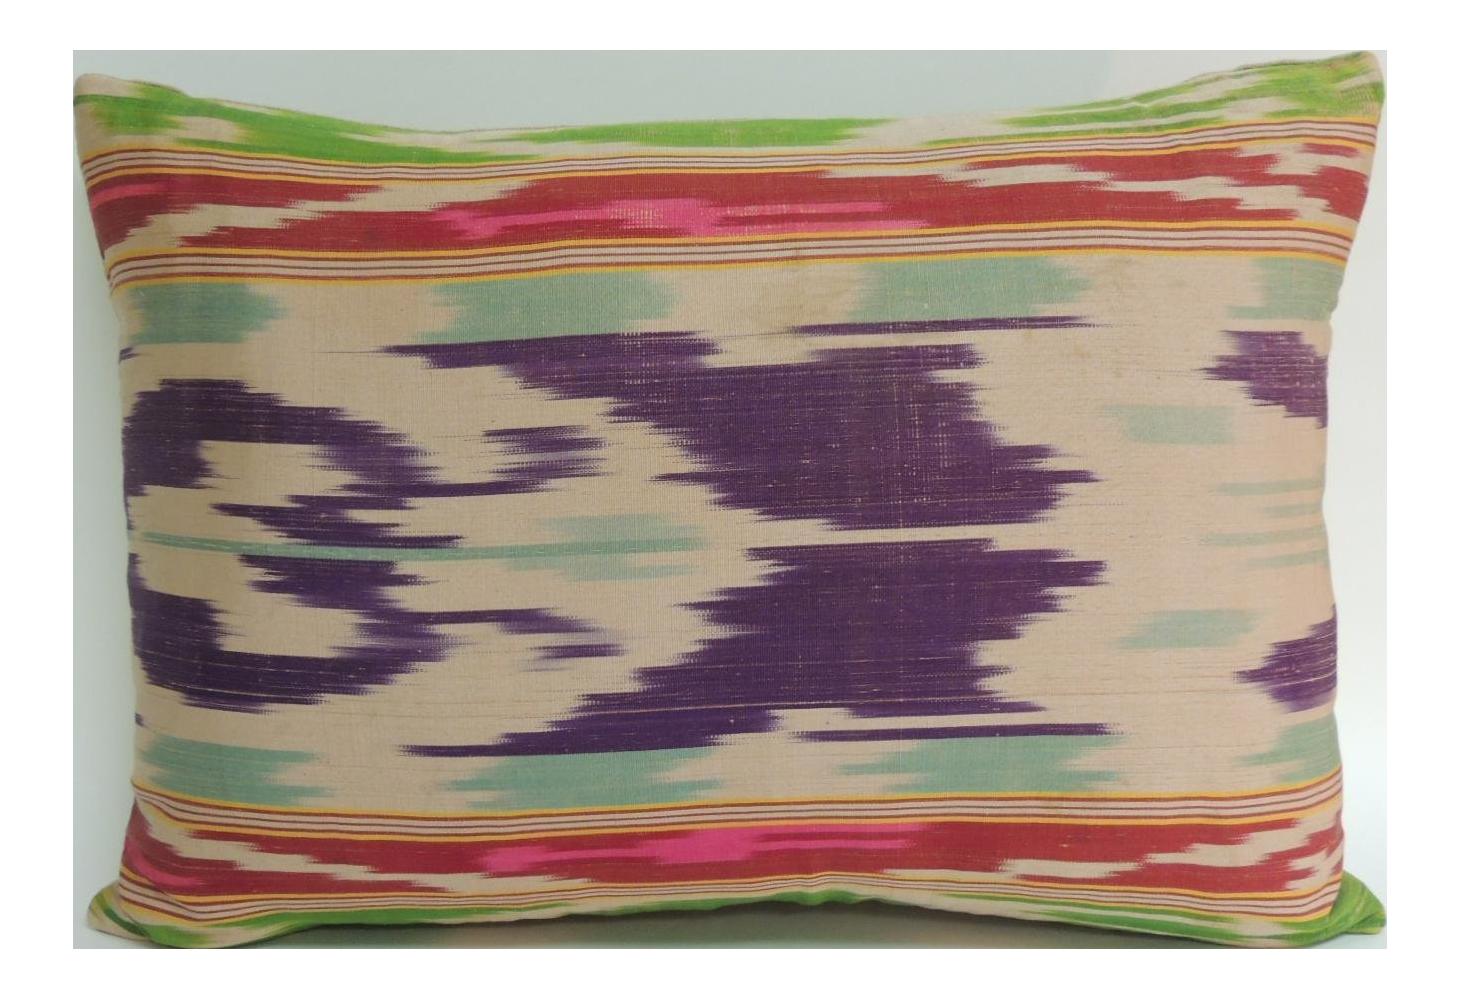 Antique Colorful Silk Ikat Artisanal Textile Decorative Lumbar Pillow